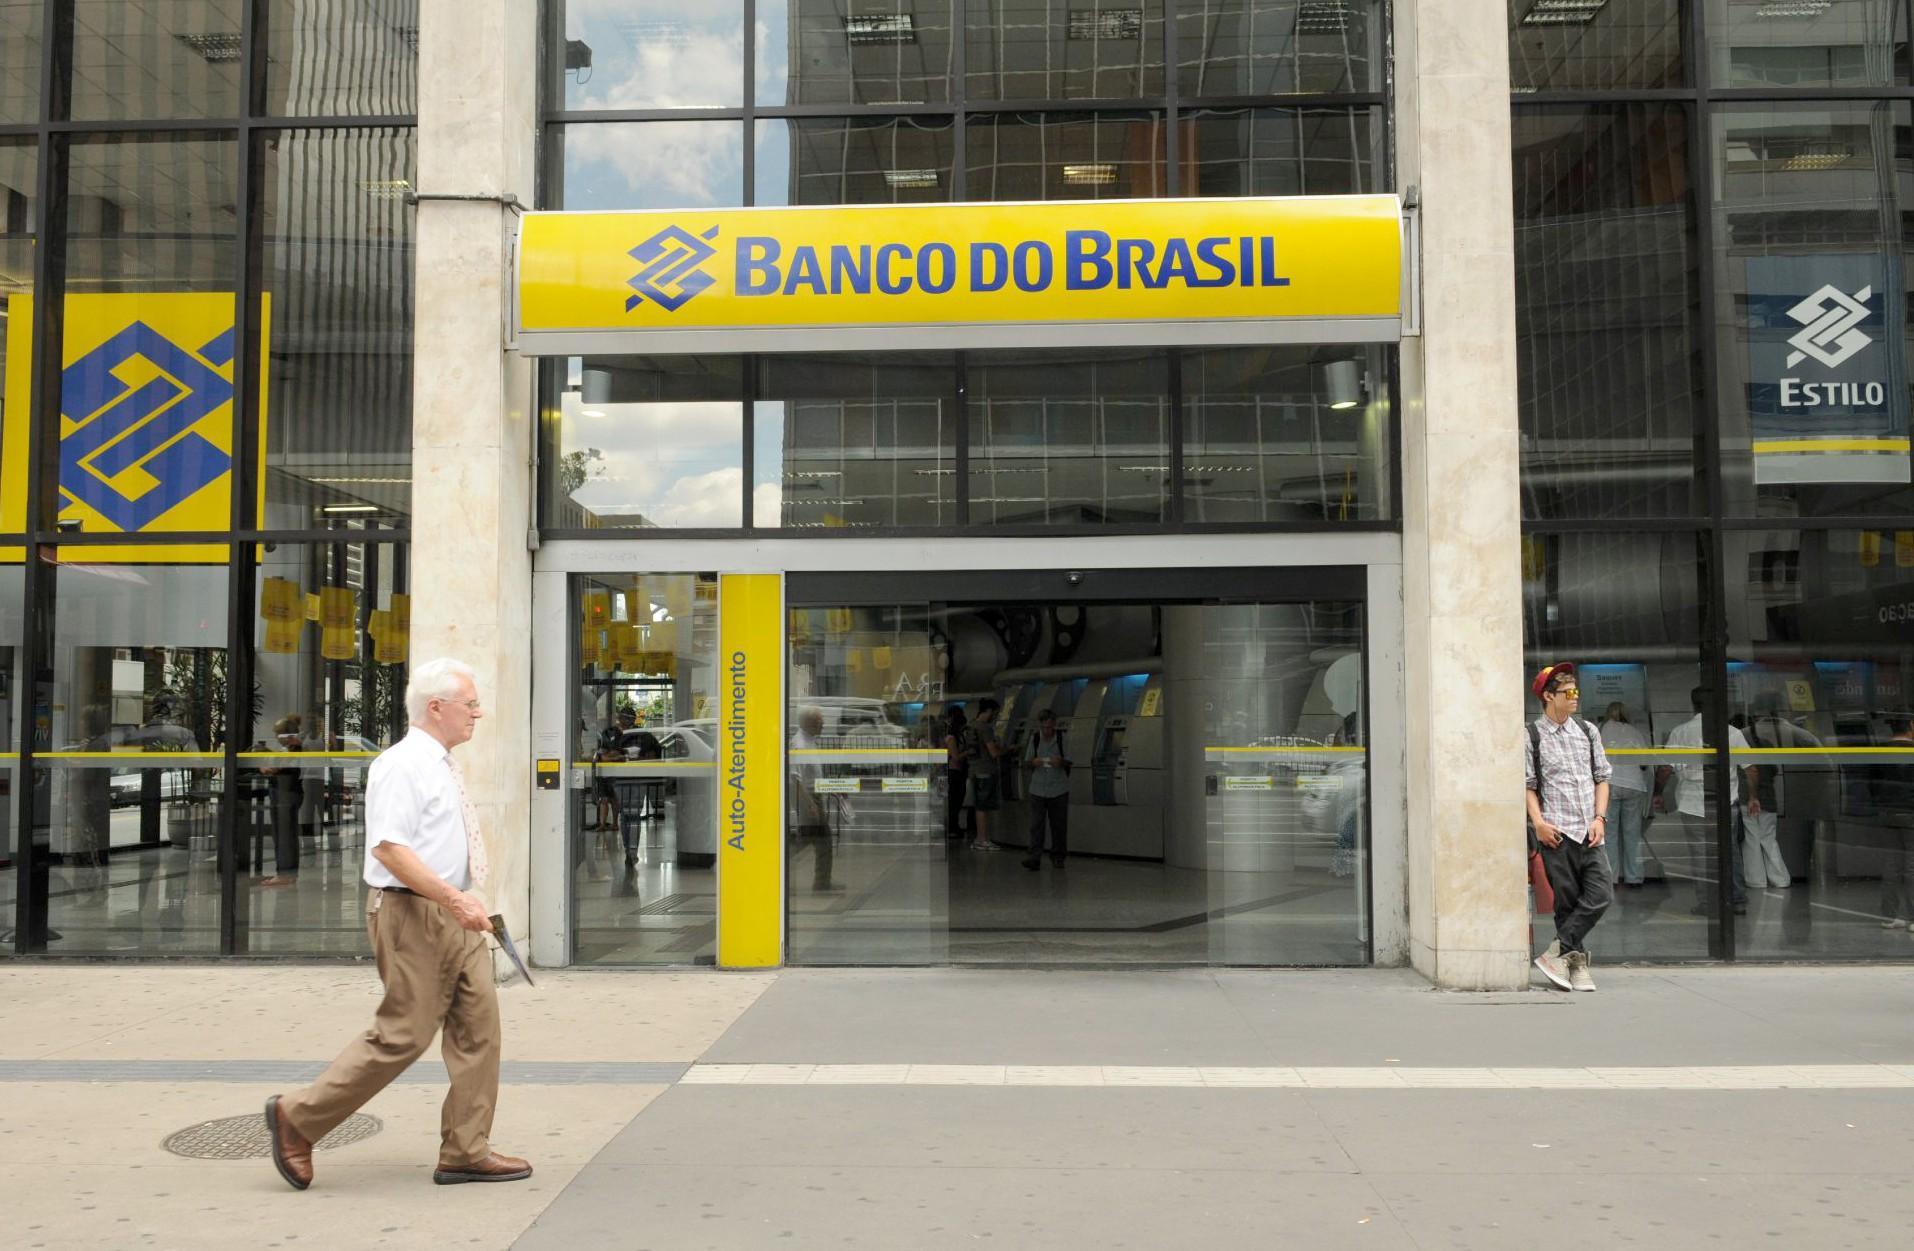 Atualizar boleto do Banco do Brasil sempre não te faz cair em golpes online (Foto: Divulgação)